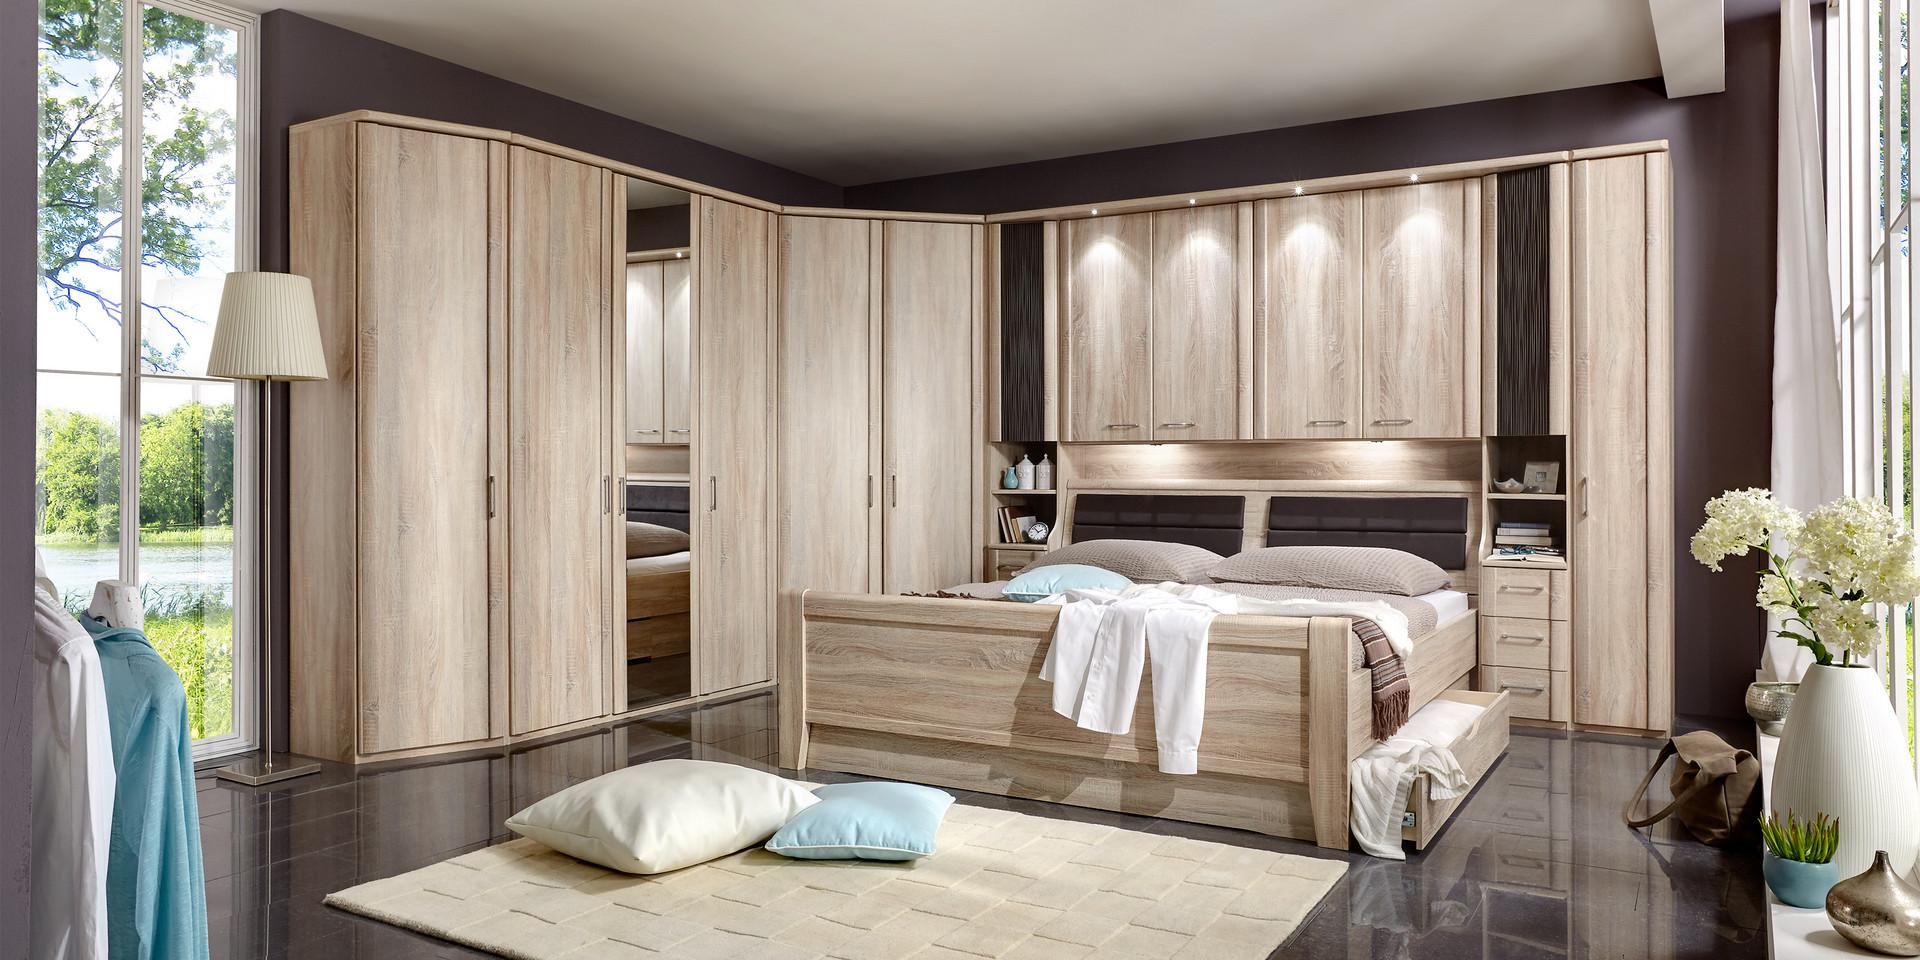 Full Size of Schlafzimmer Mit überbau Erleben Sie Das Luxor 3 4 Mbelhersteller Wiemann Wandtattoo Bett Ausziehbett Set Matratze Und Lattenrost 2 Sitzer Sofa Relaxfunktion Schlafzimmer Schlafzimmer Mit überbau